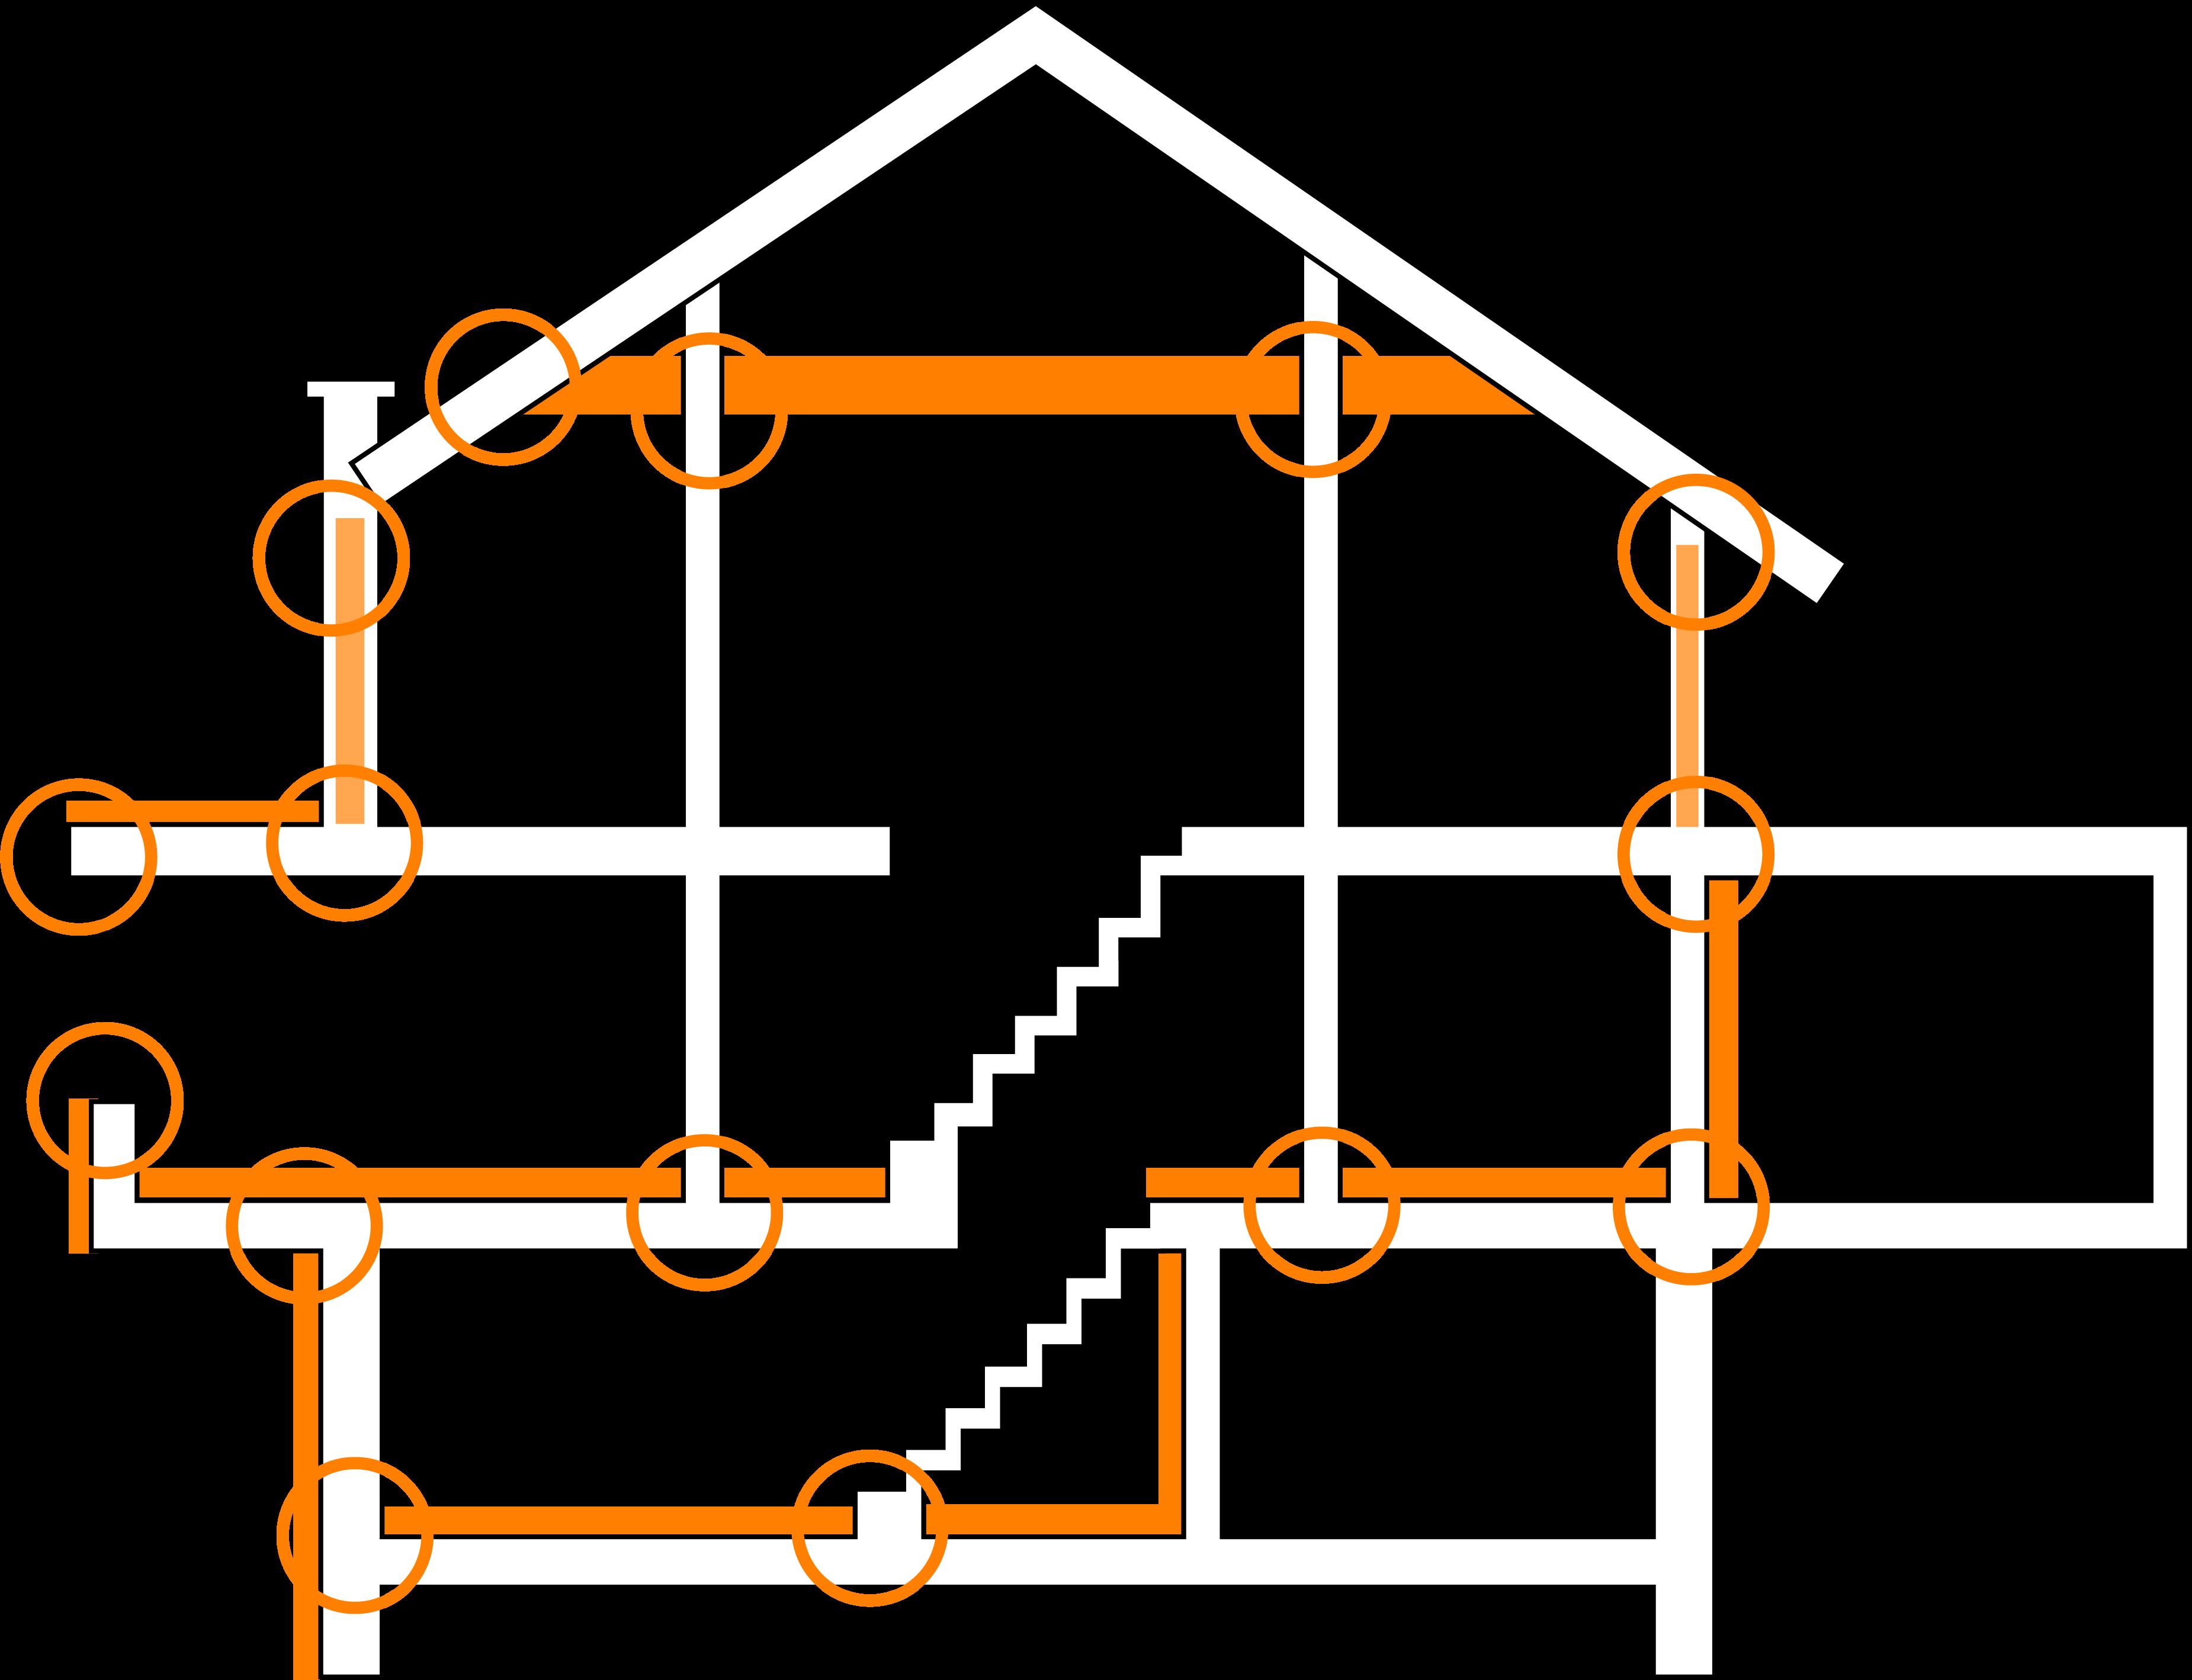 Skizze Niedrigenergiehaus mit Wärmebrücken